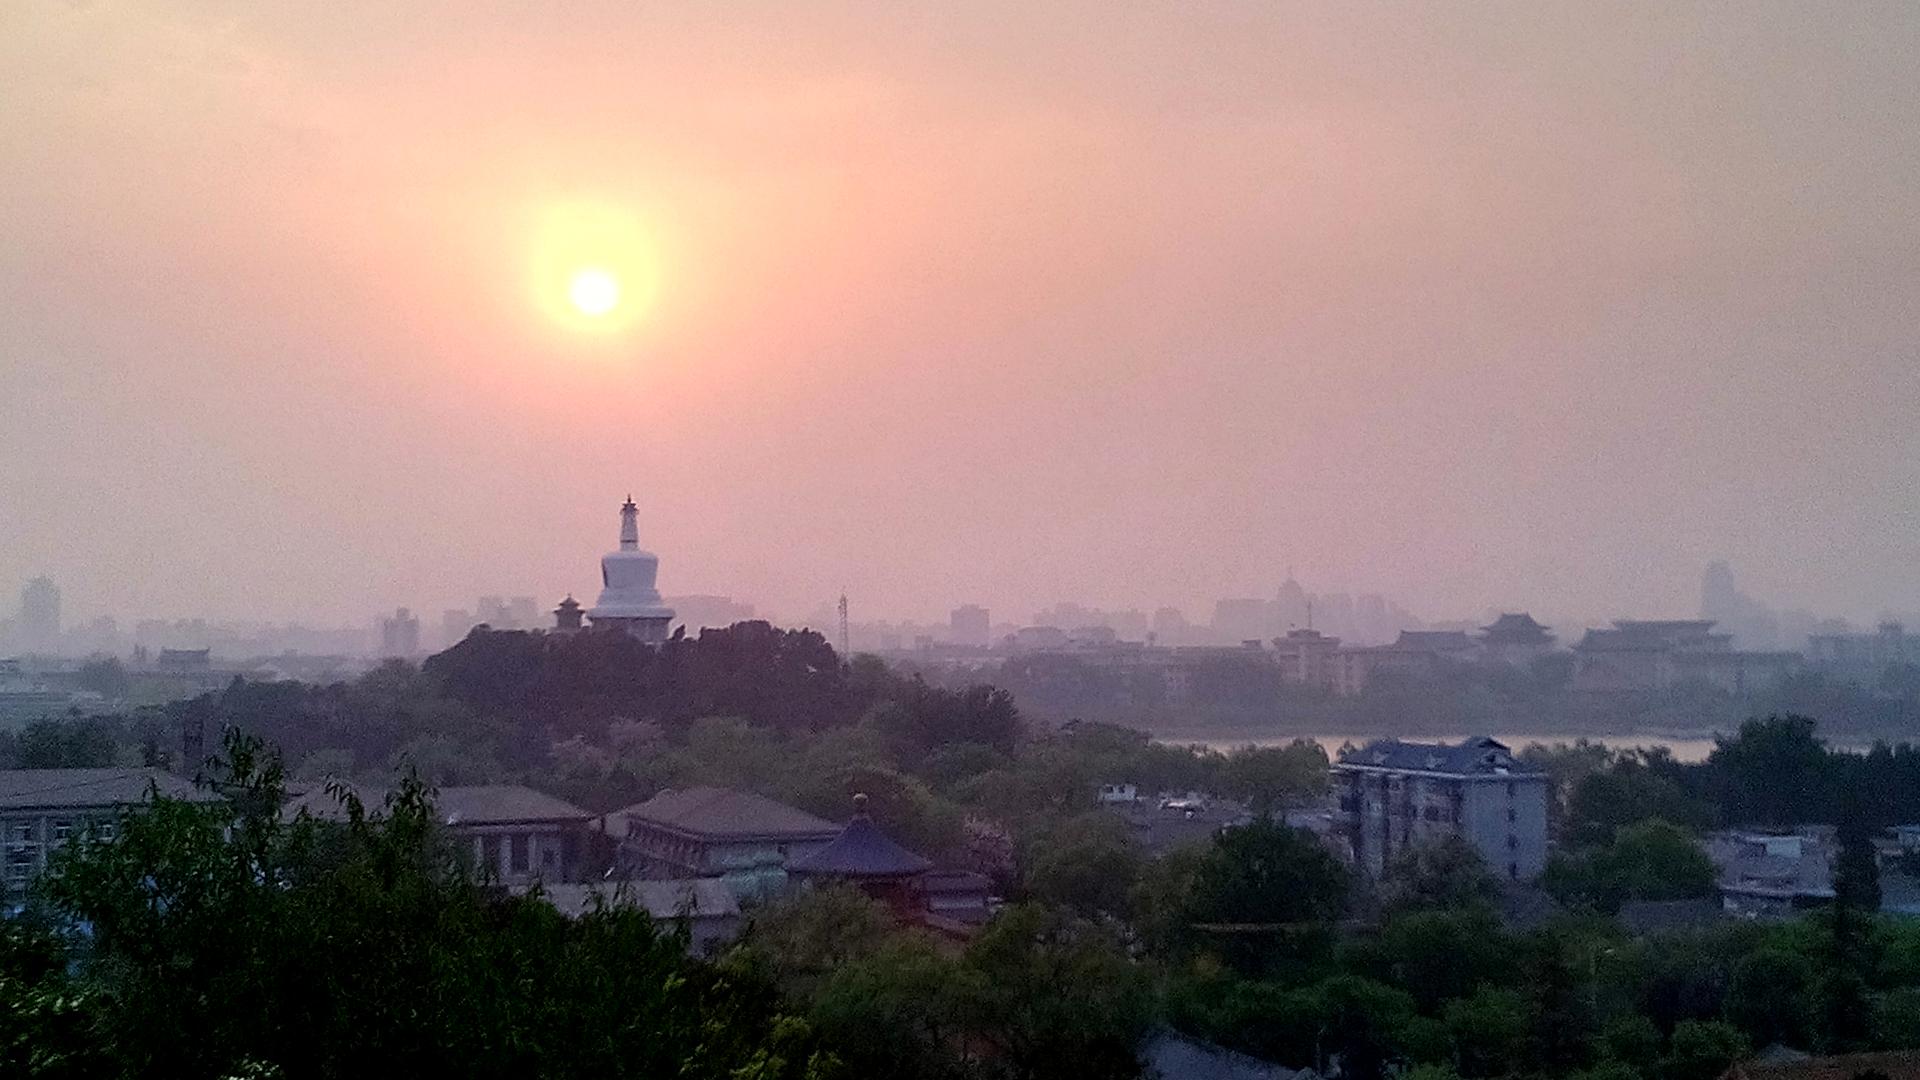 Sonnenuntergang über der Weißen Pagode im Beihai Park